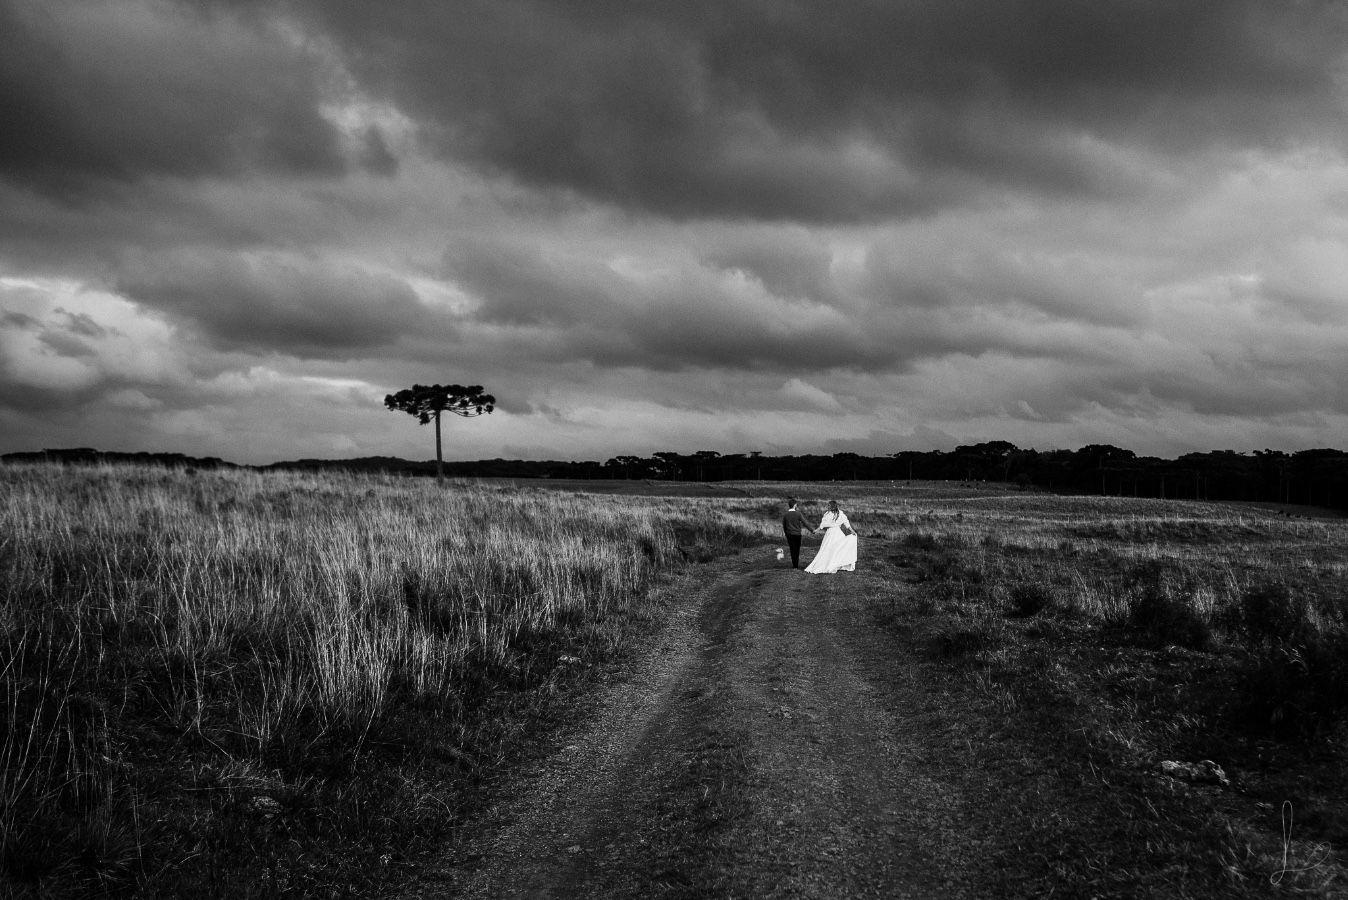 5c8270f4-1069-4c24-9df8-2e4483a7938c Pré Wedding no interior gaúcho - Nicole e Rafael | Inspire-se